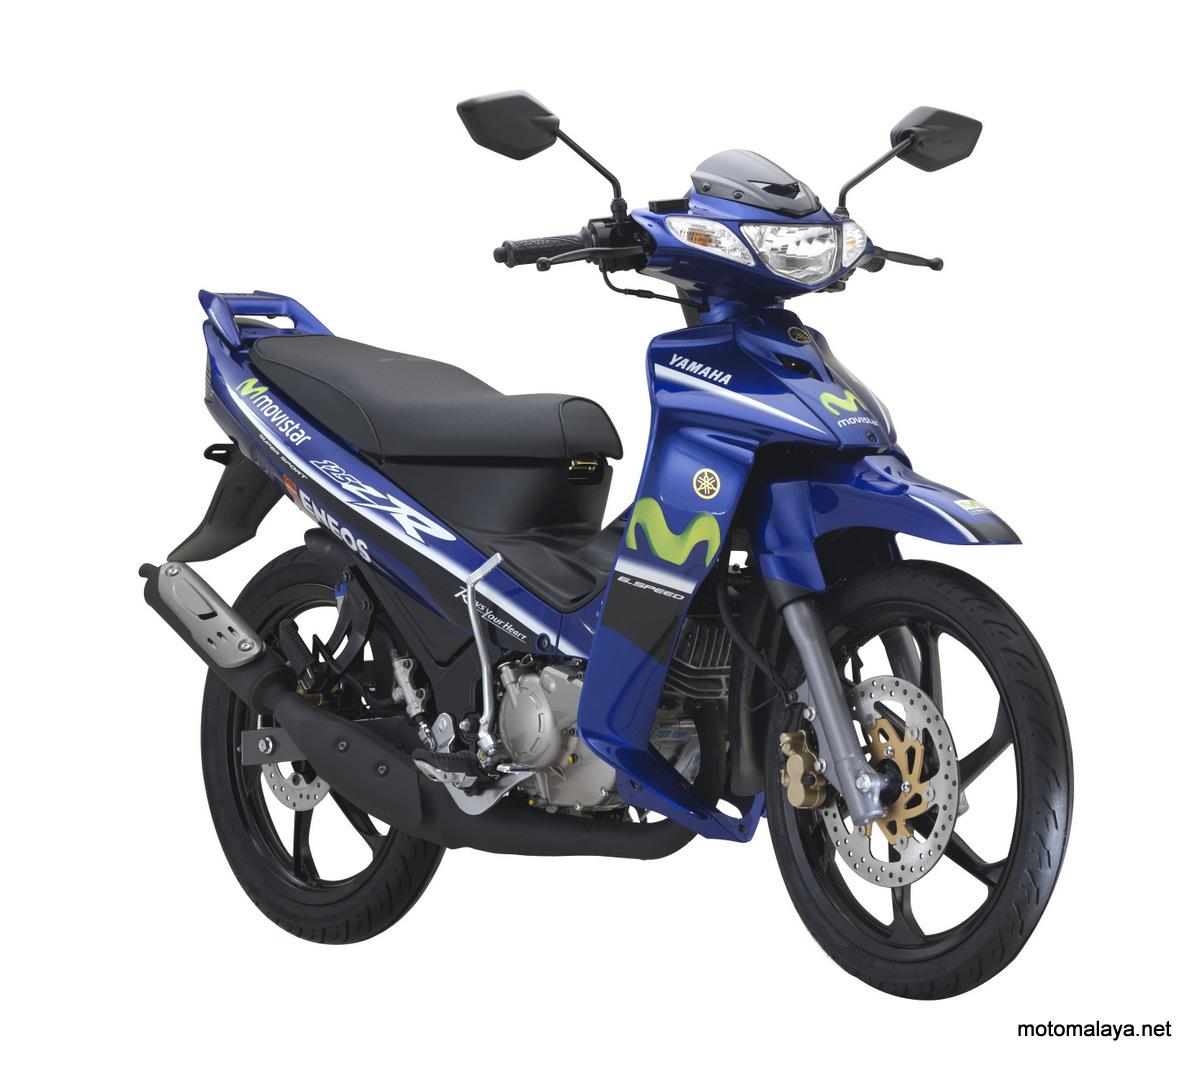 2017 Yamaha 125ZR Movistar Edisi Terhad - hanya 5000 unit siap bernombor siri - RM8,361.28 (asas tidak termasuk GST)